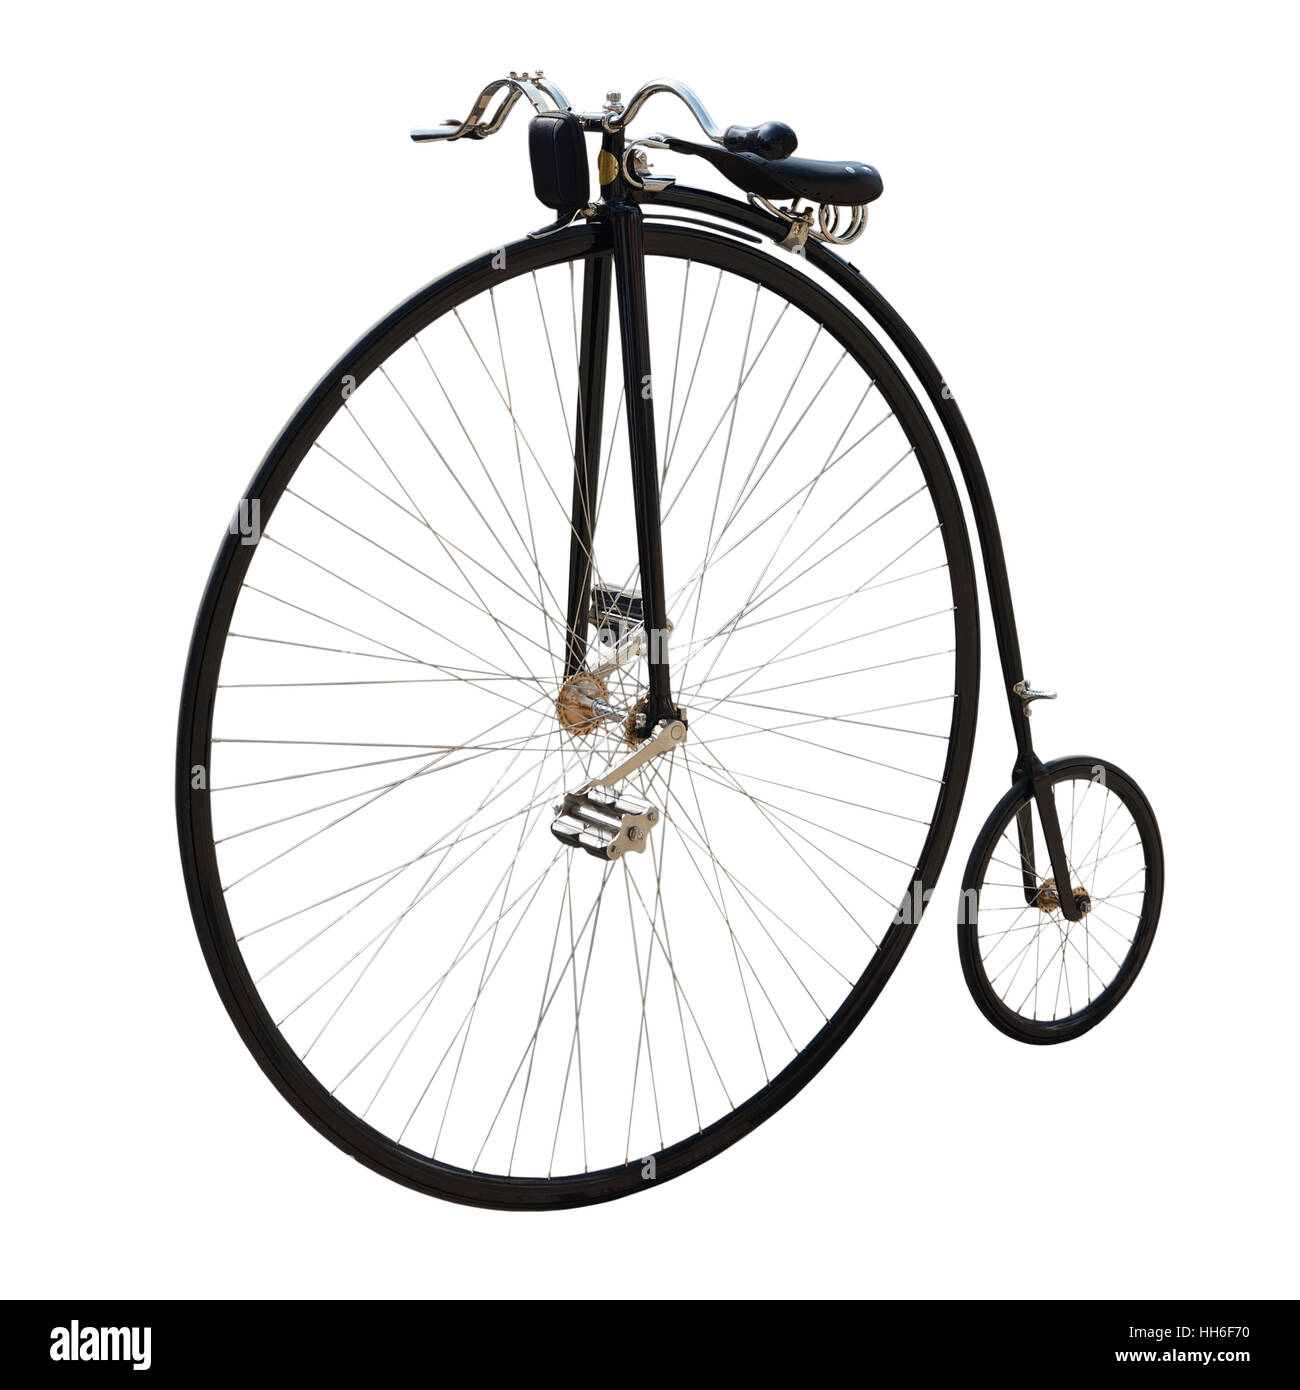 hochrad oder hohe rad oder gew hnliche fahrrad mit einem. Black Bedroom Furniture Sets. Home Design Ideas